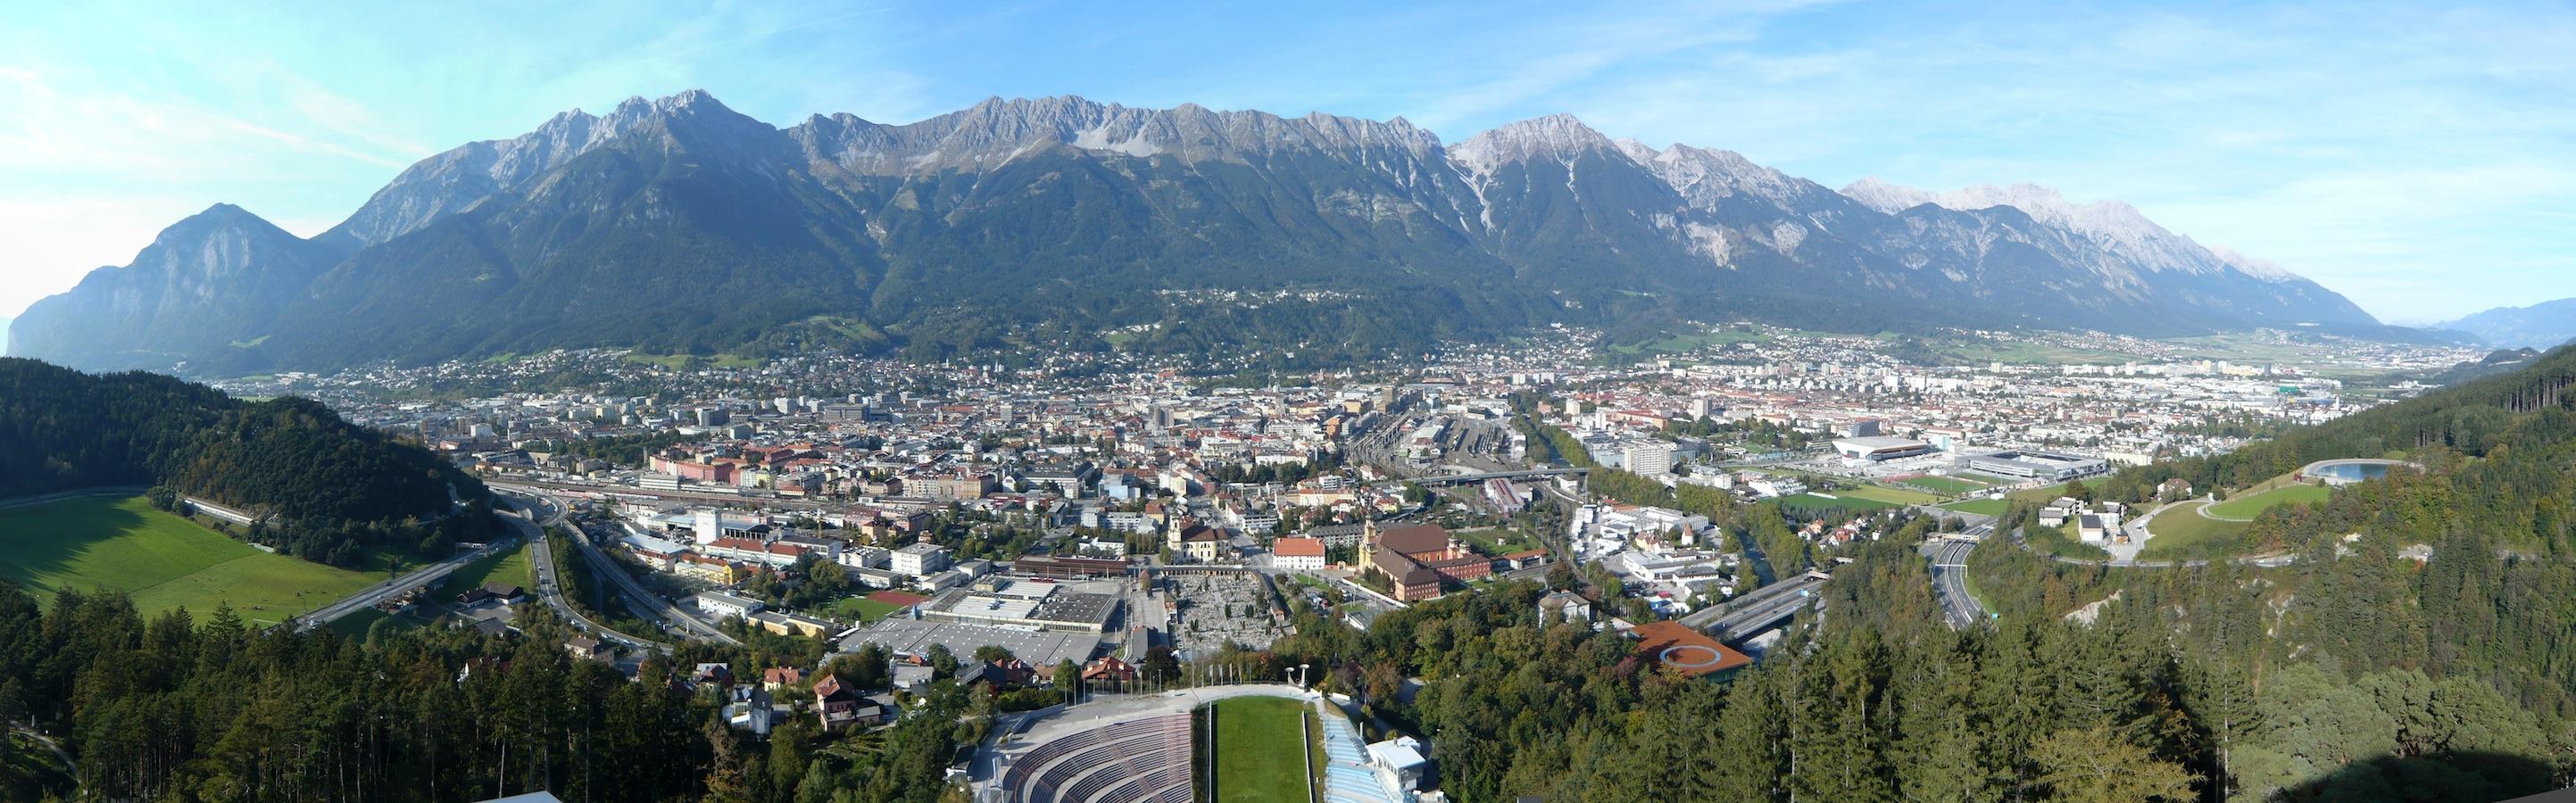 Blick von der Bergisel-Schanze auf Innsbruck und die Nordkette (© Florian Eichberger 2014)